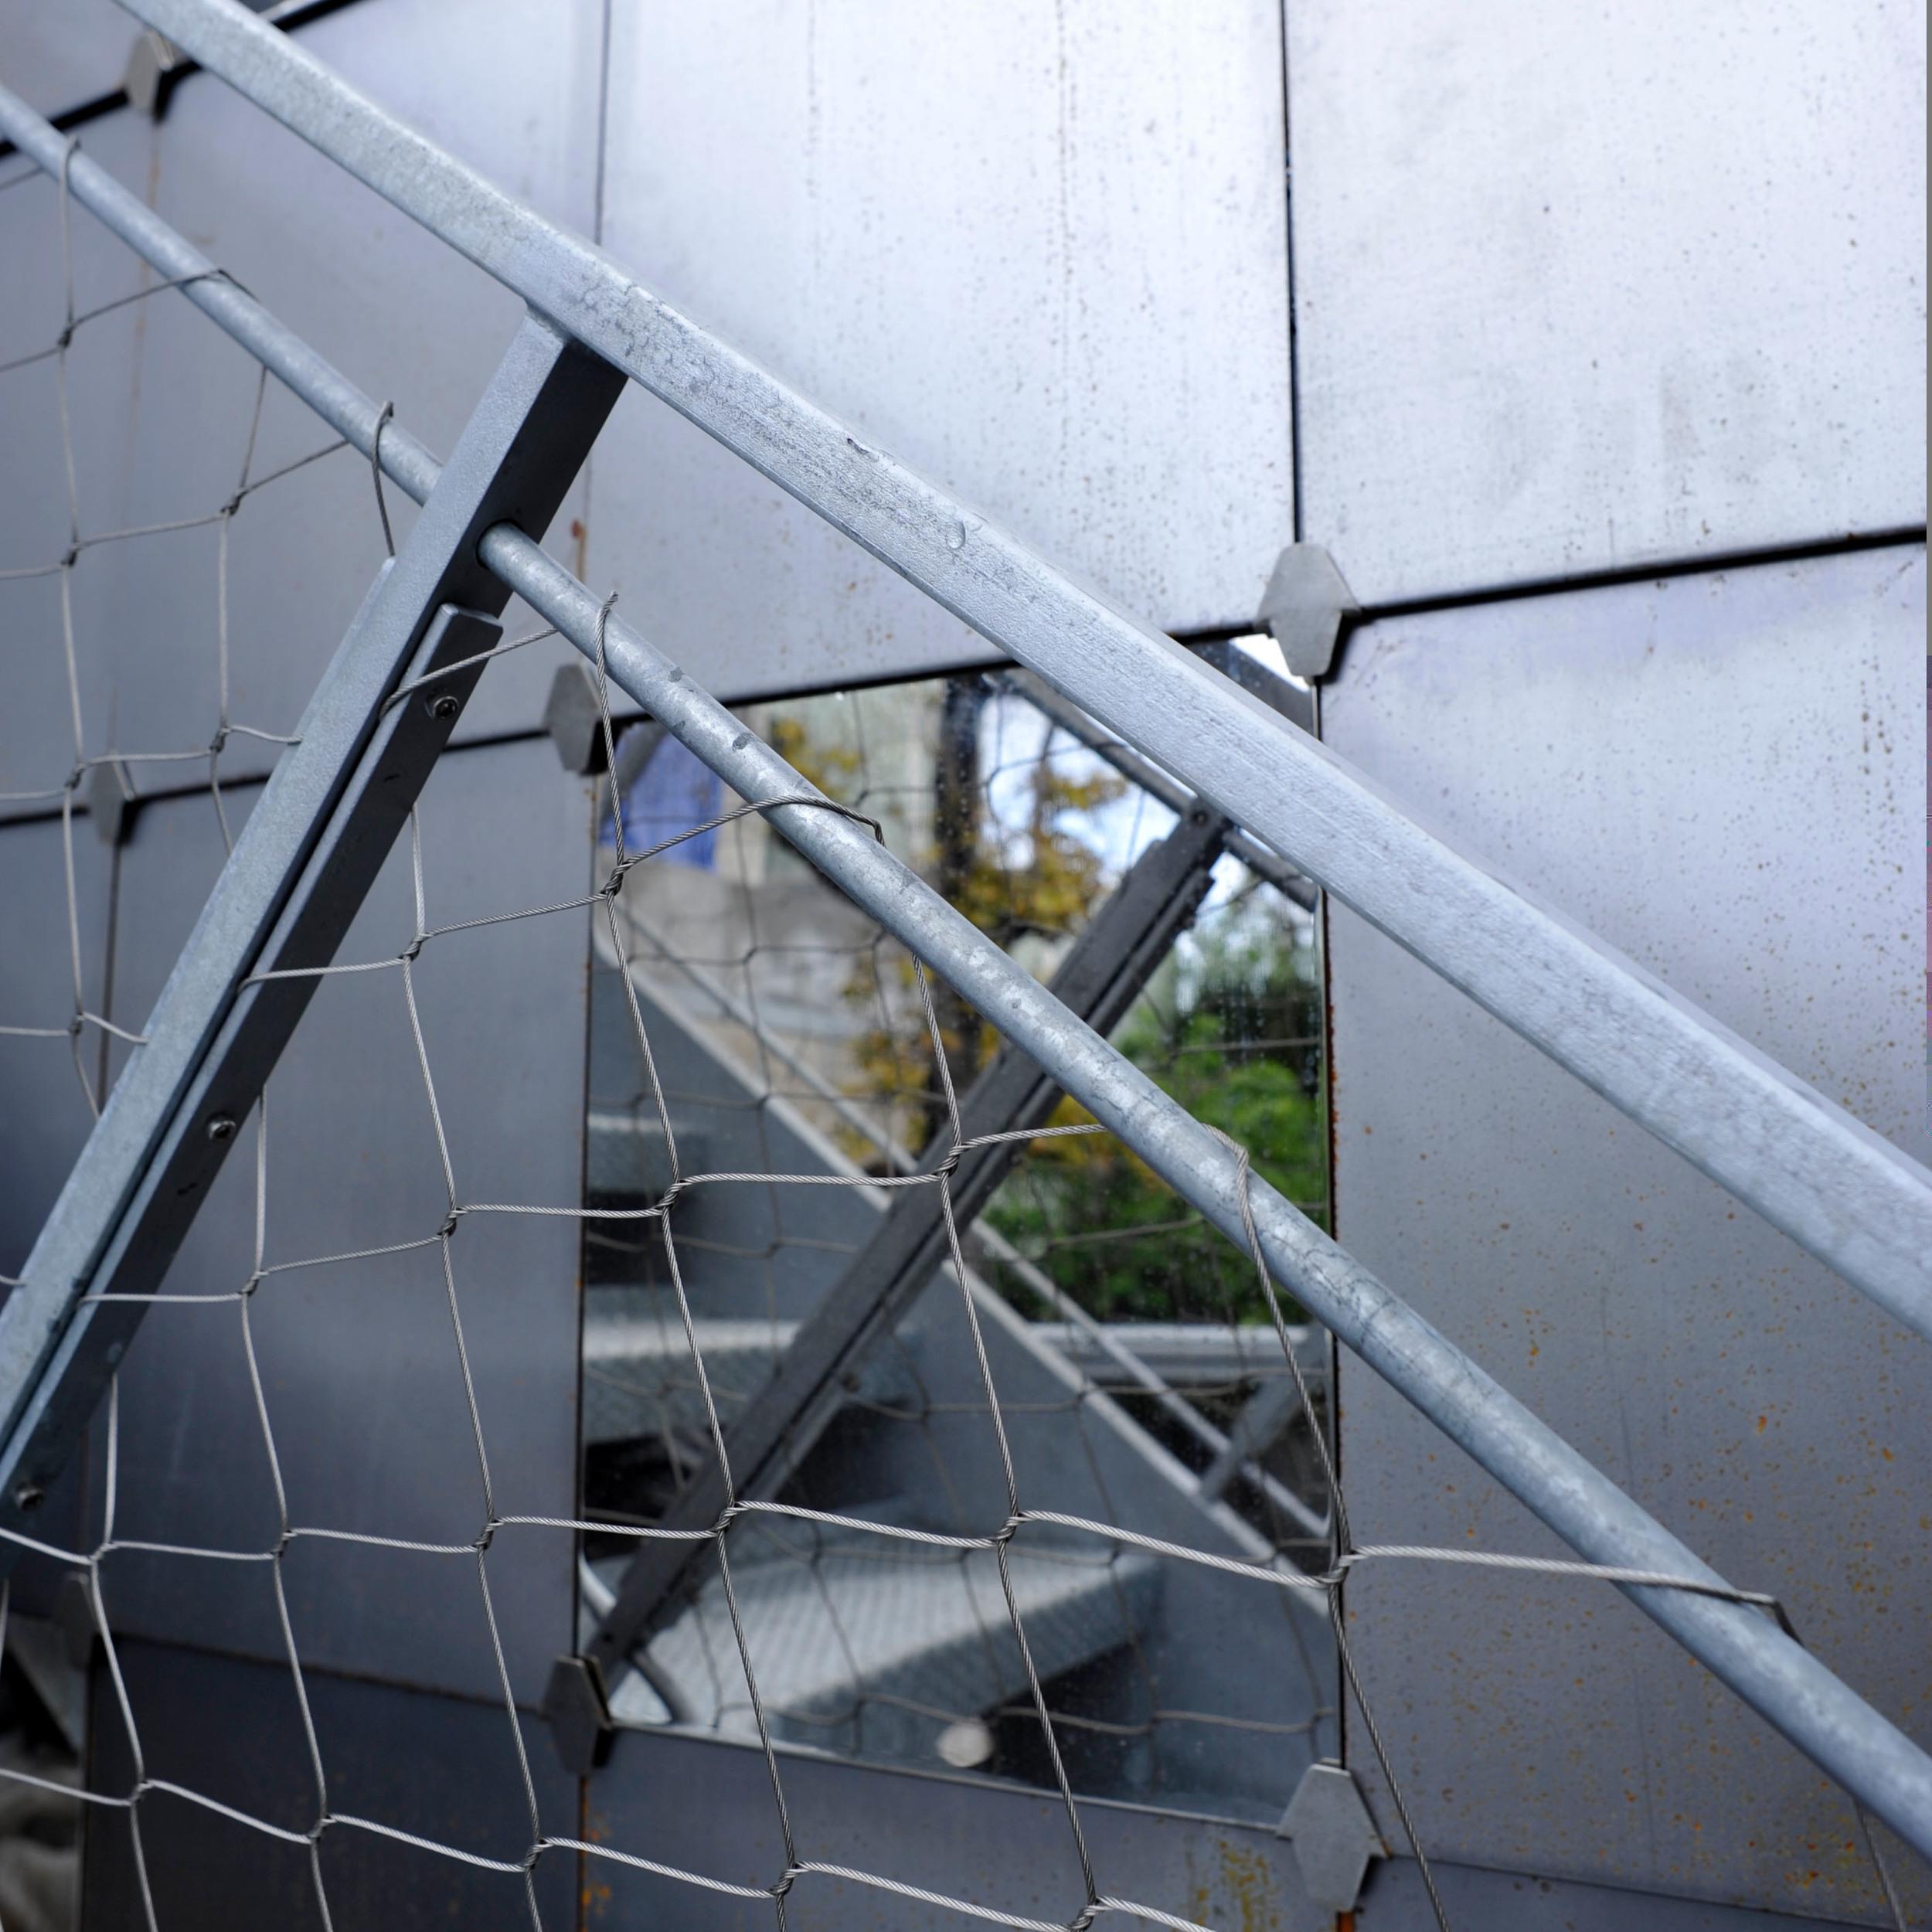 20816_stair_detail.jpg